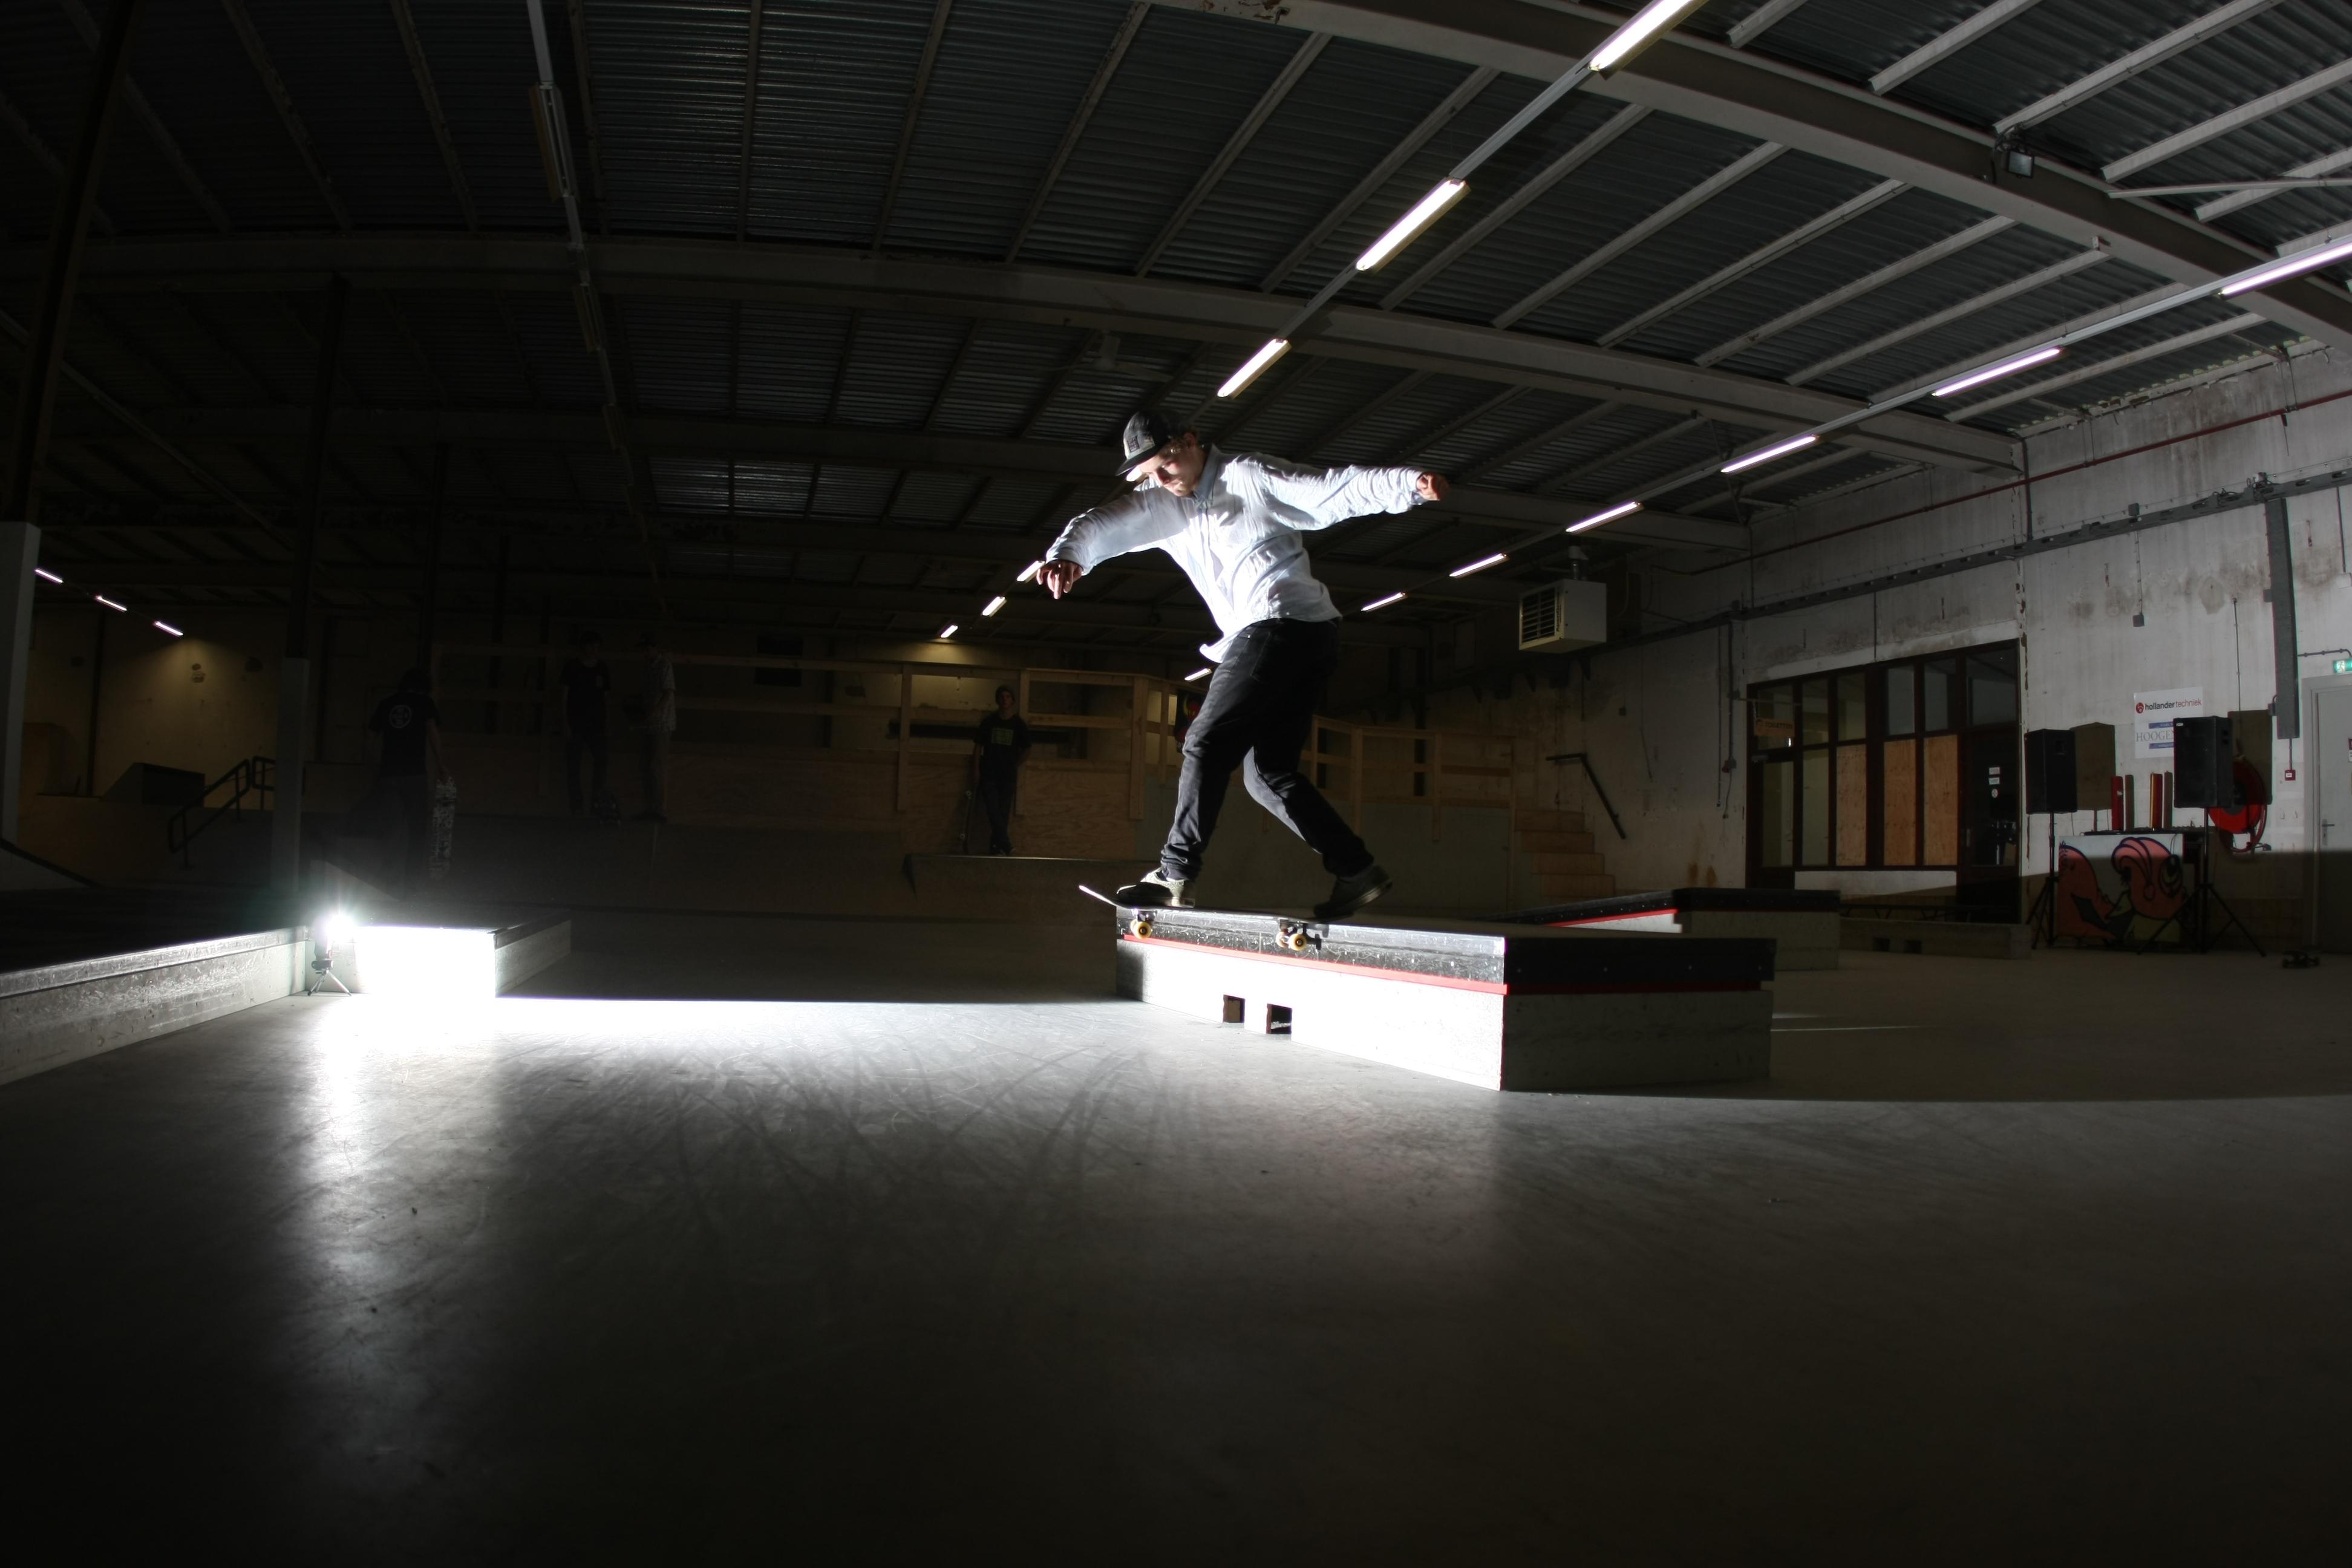 Mooie geldprijs voor beste skateboarder